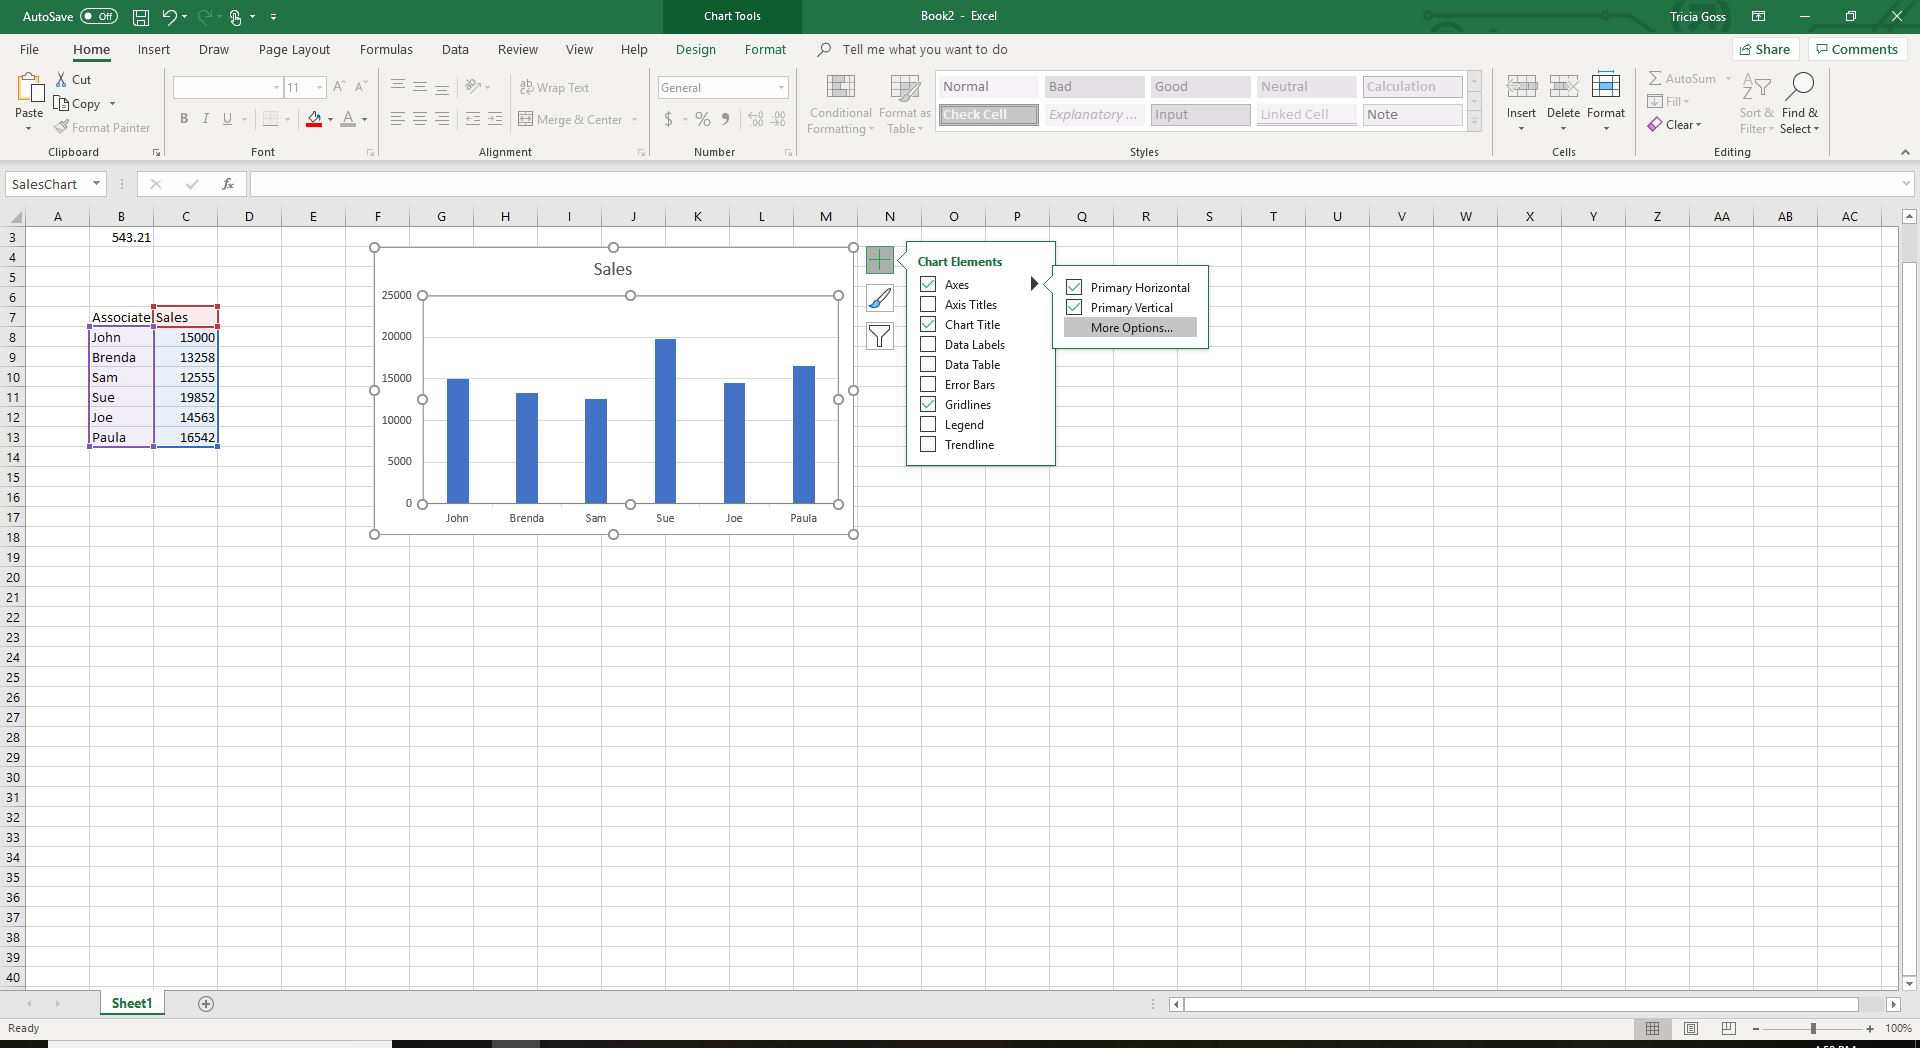 Screenshot showing Axes options